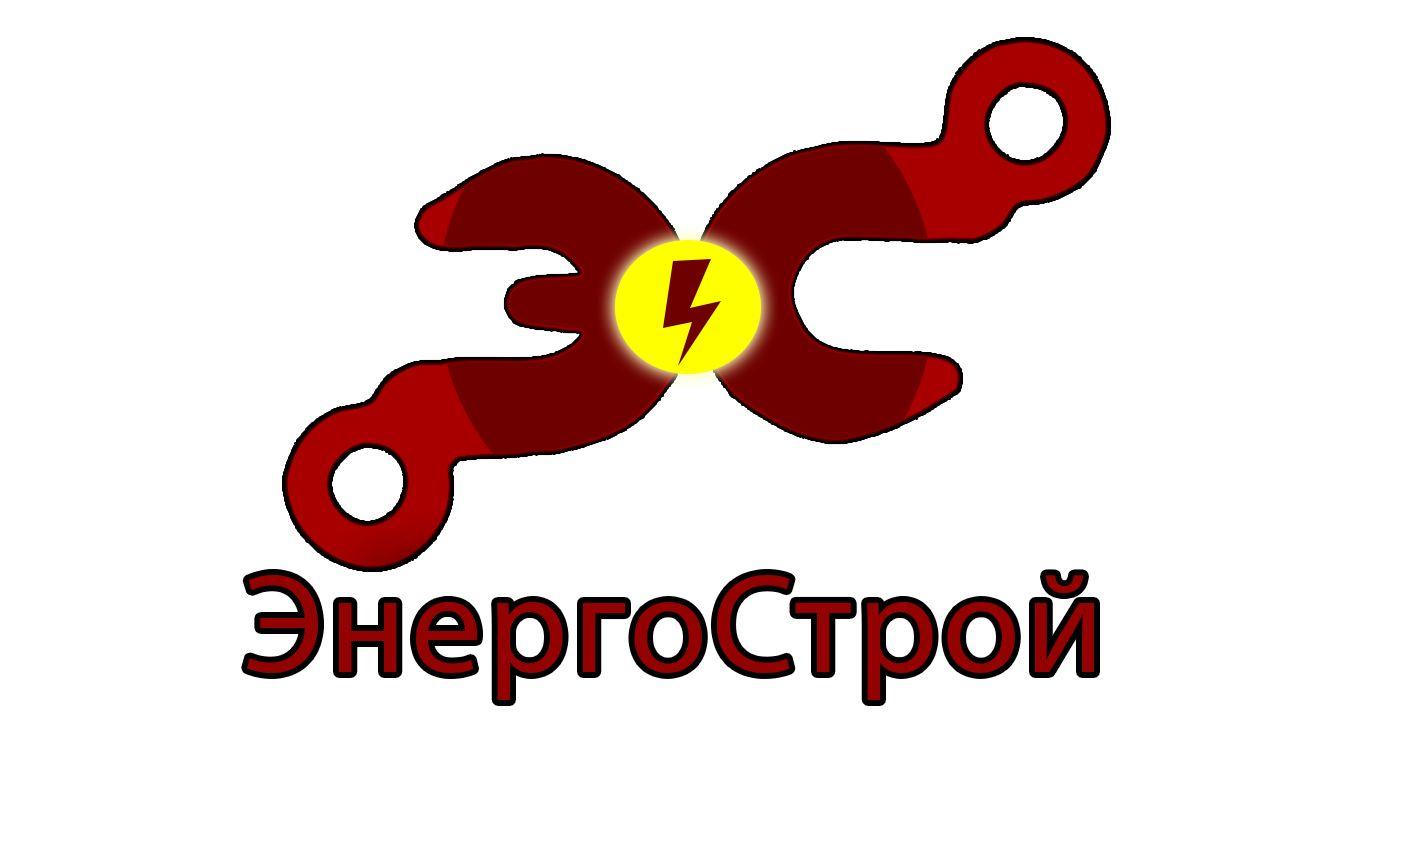 Фирменный стиль для компании ЭнергоСтрой - дизайнер Gen_1